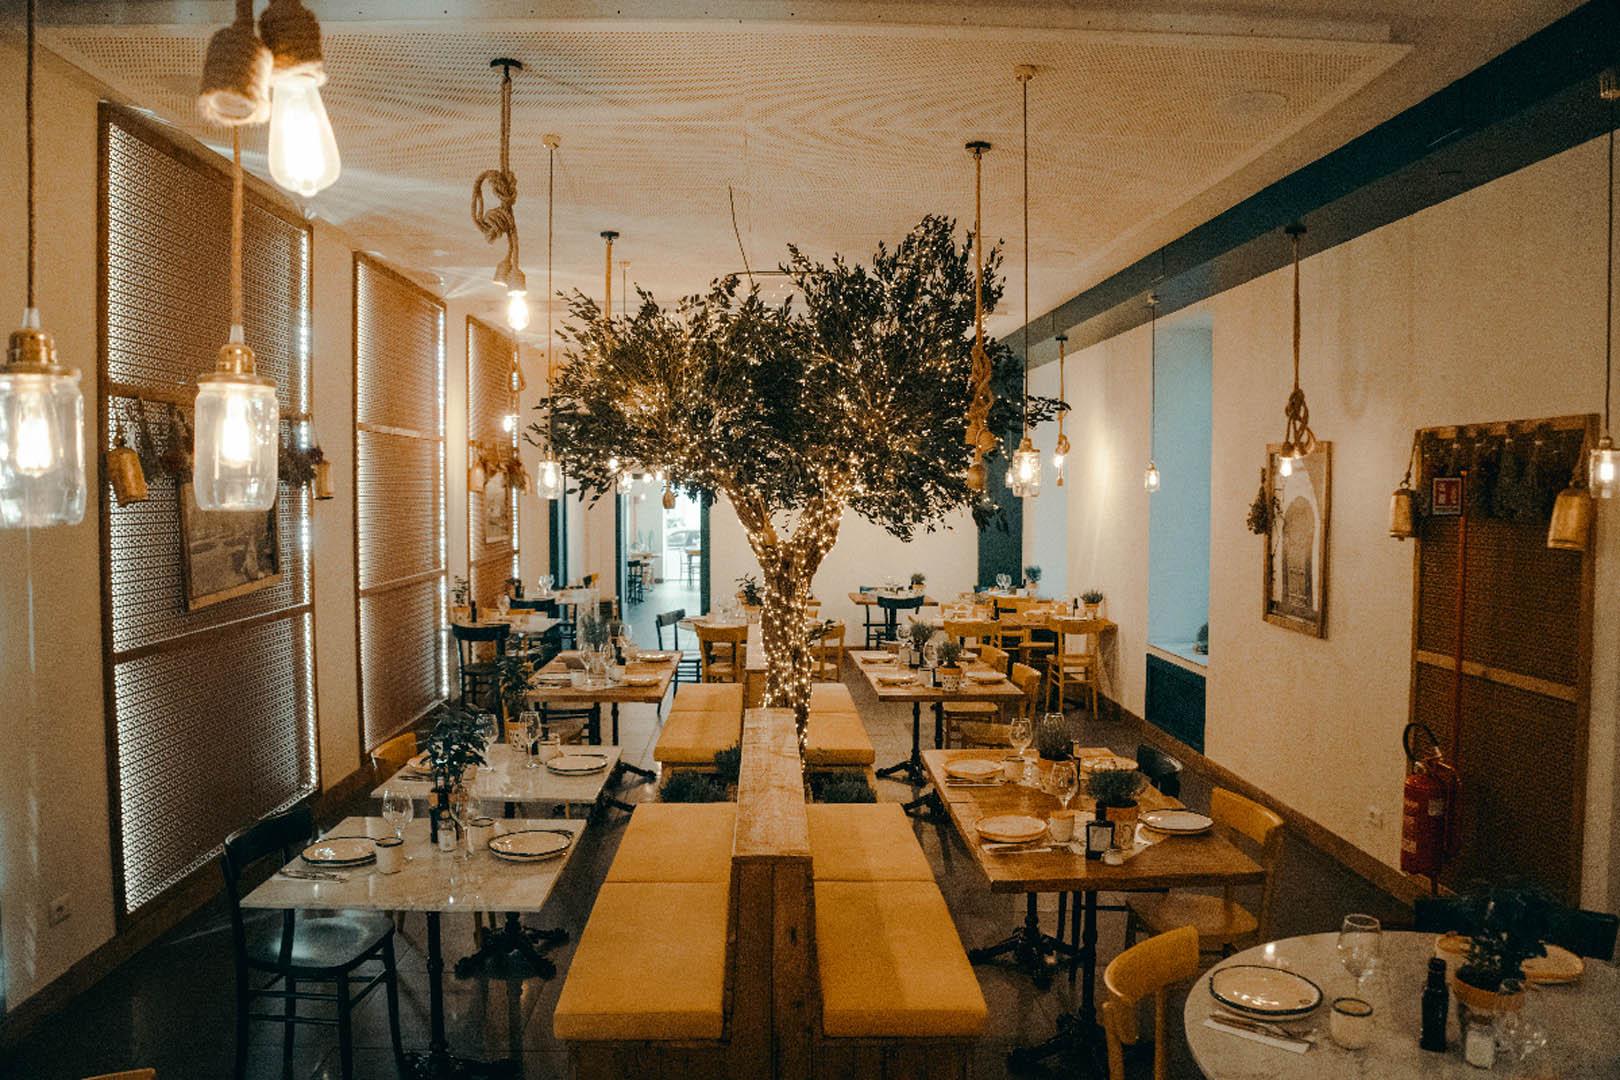 Business Lunch in Zona Centrale, Isola e Garibaldi per un Pranzo di Lavoro a Milano